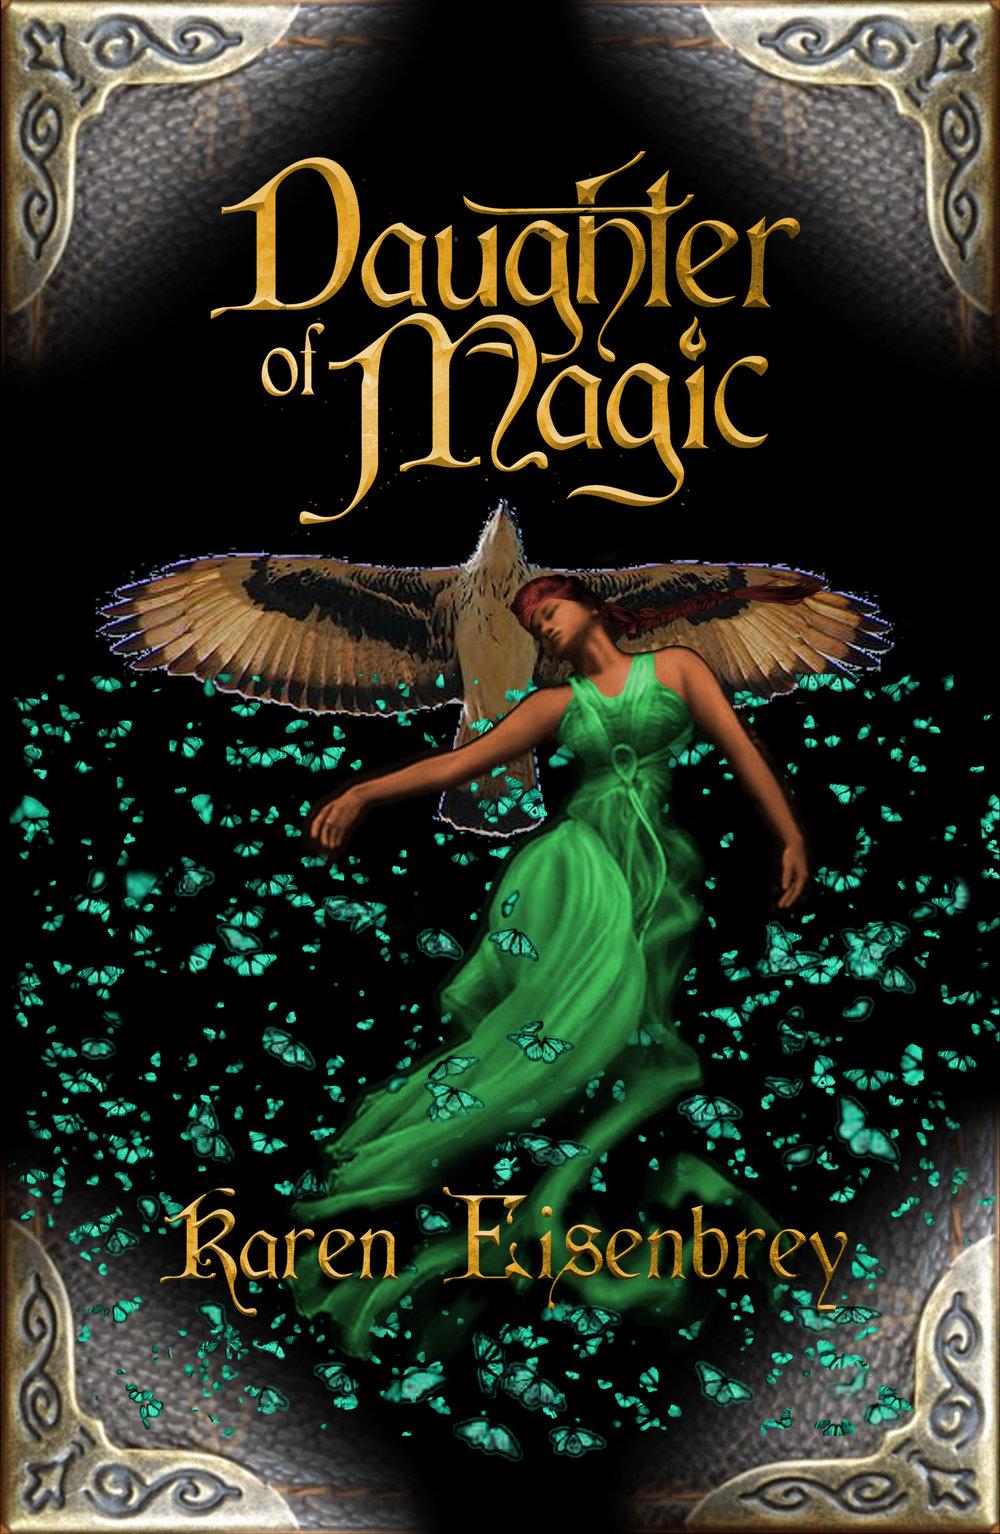 Daughter+of+Magic+eBook+Cover+edit+1